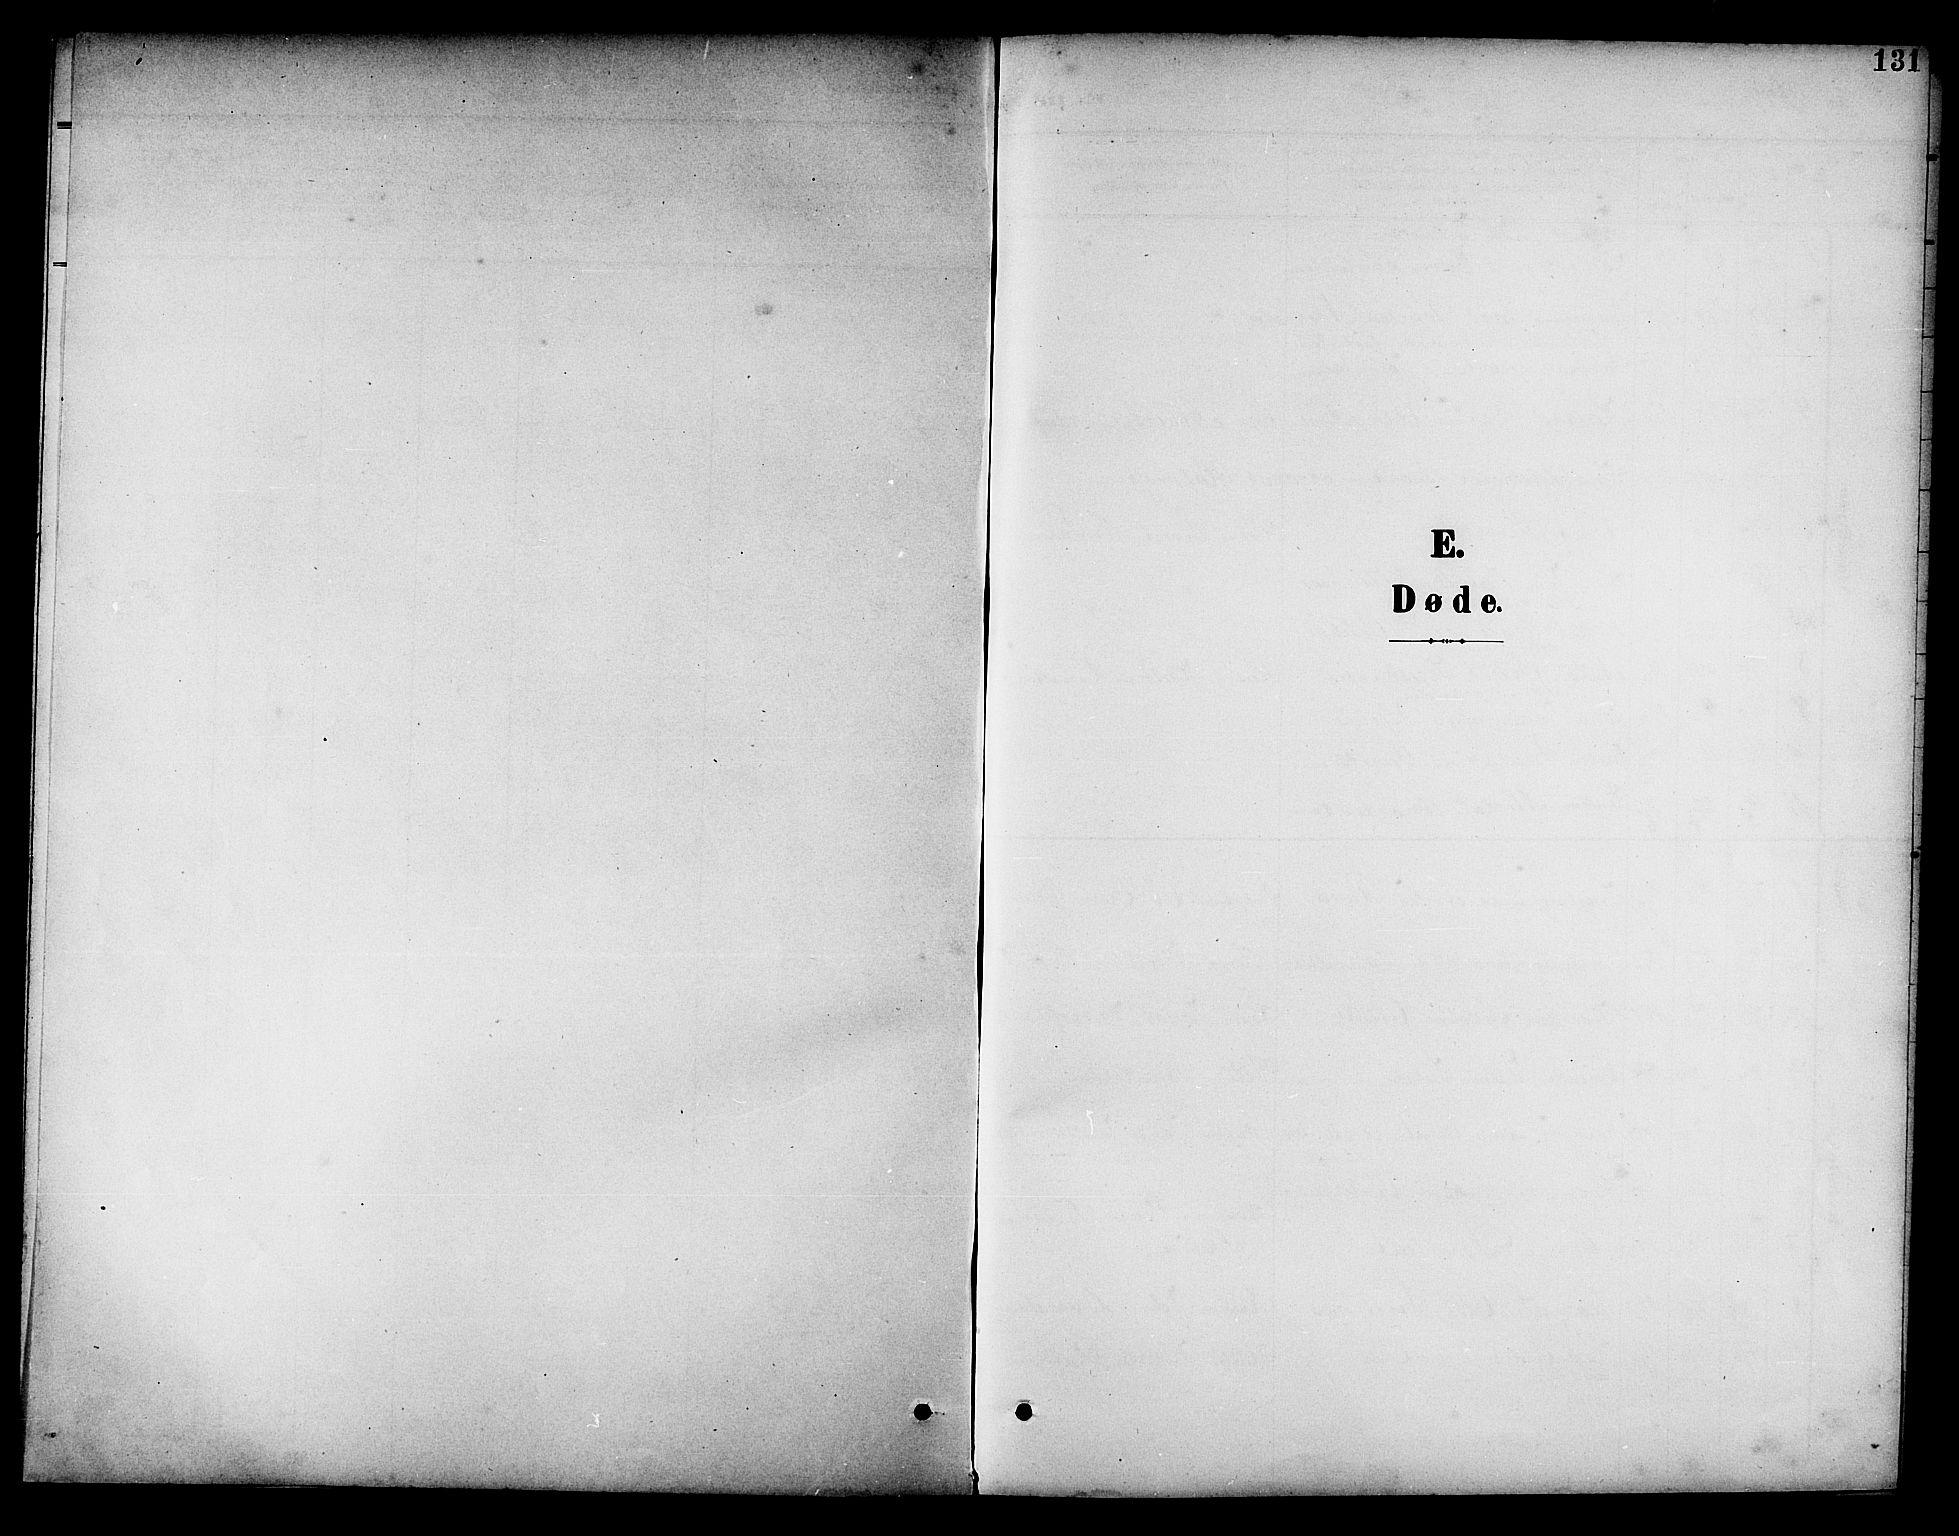 SAT, Ministerialprotokoller, klokkerbøker og fødselsregistre - Nord-Trøndelag, 741/L0401: Klokkerbok nr. 741C02, 1899-1911, s. 131